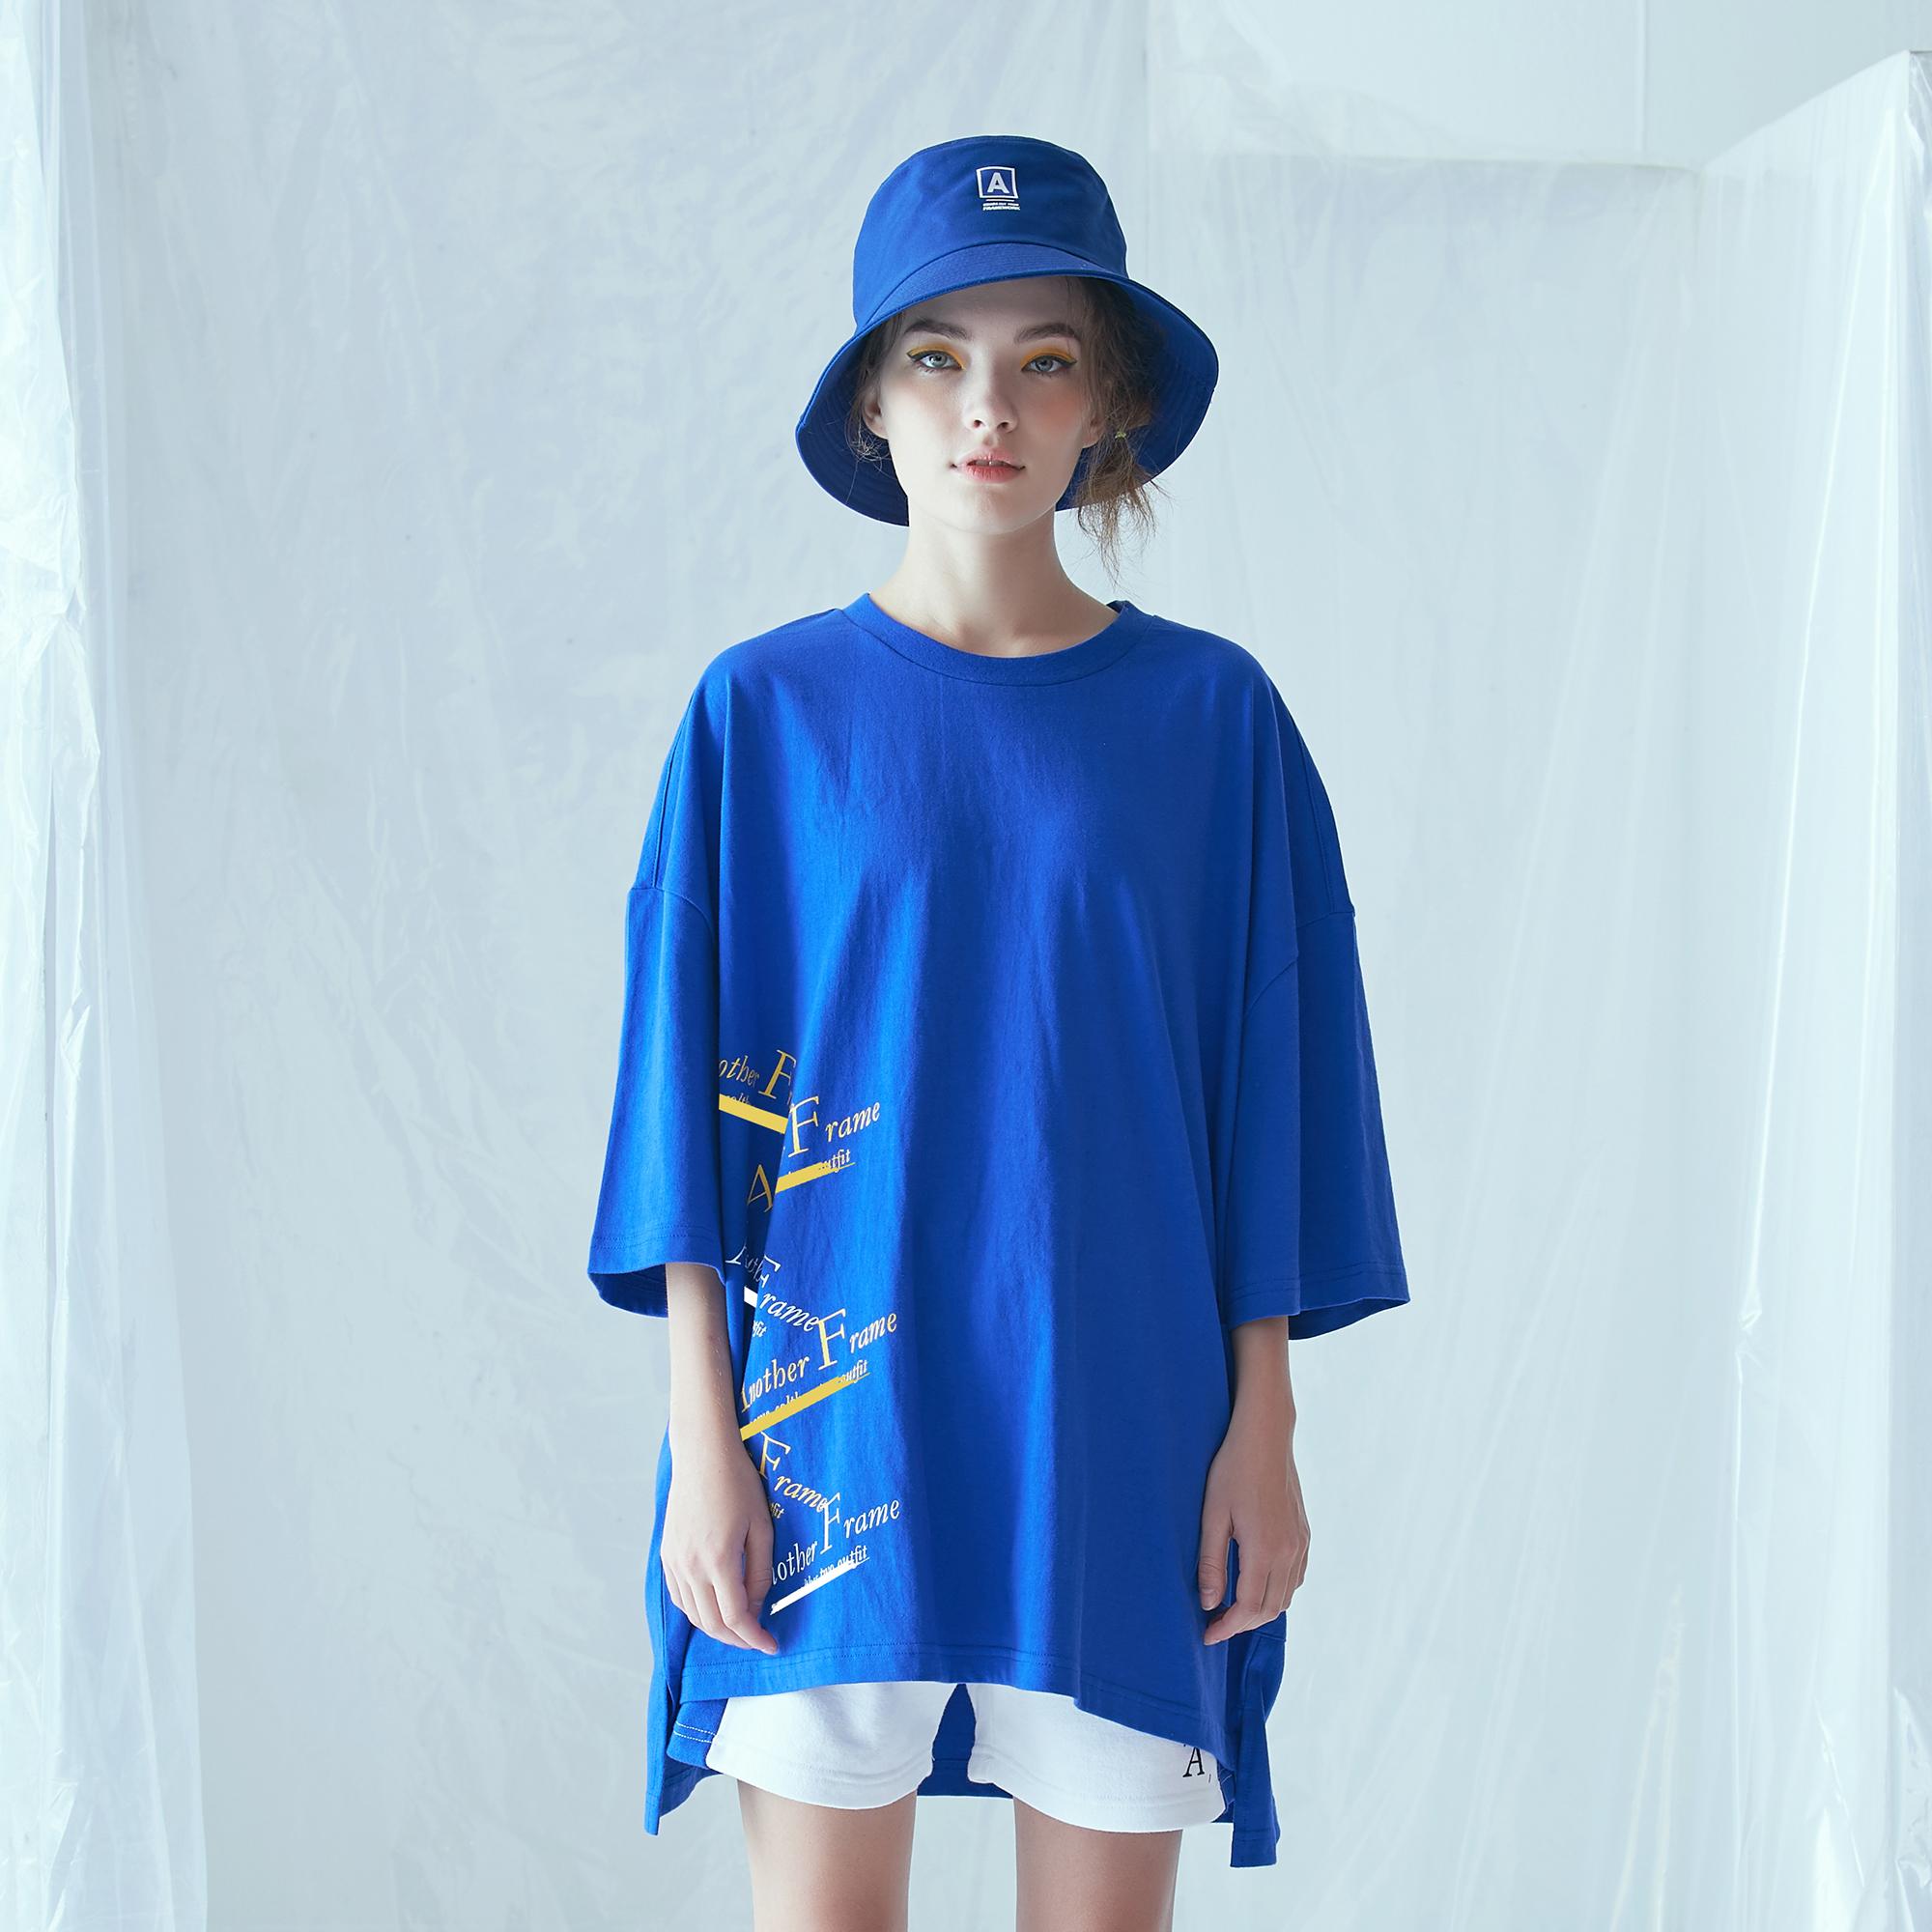 [어나더프레임] SIDE POCKET BOX T-SHIRT (BLUE) 반팔티 반팔 티셔츠